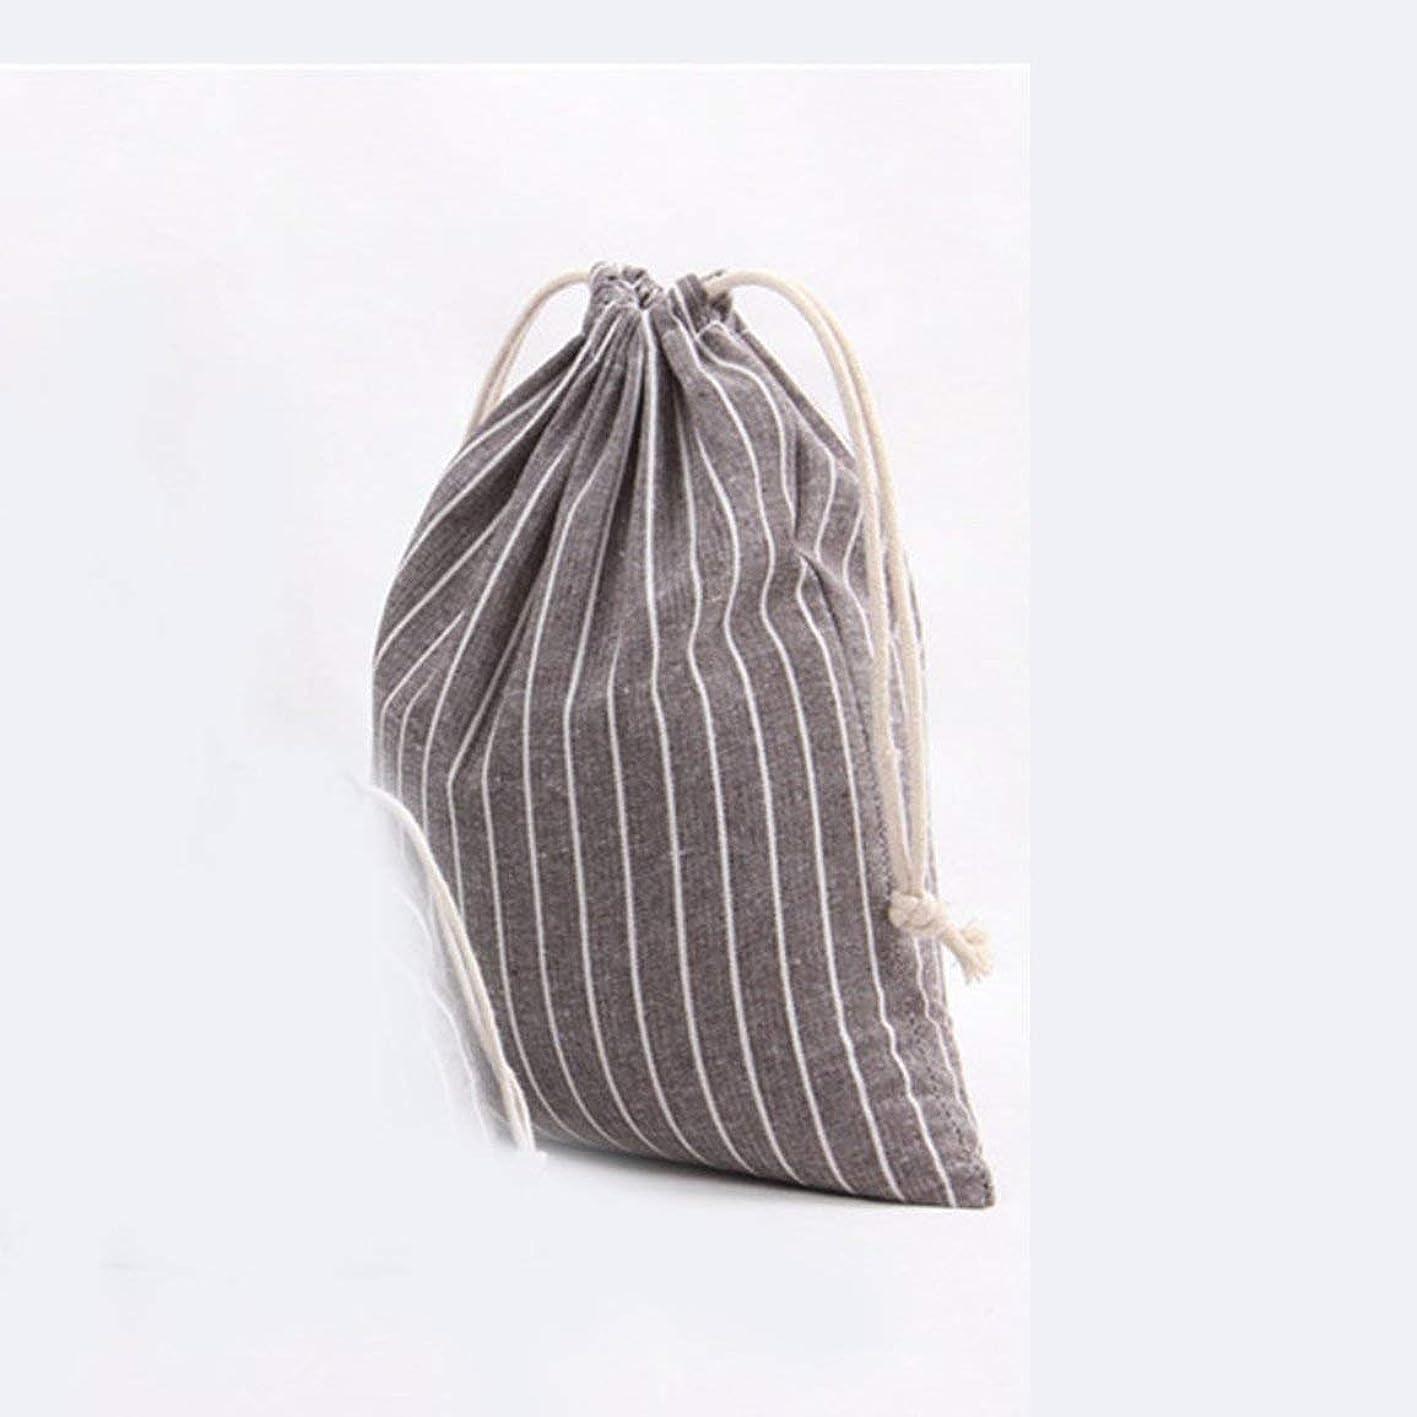 ビリー複雑なウサギストライプコットンバッグギフトキャンディティー巾着ポーチストレージバッグオーガナイザーバギーバッグポケットホルダーコンテナーホップポケット-コーヒーL